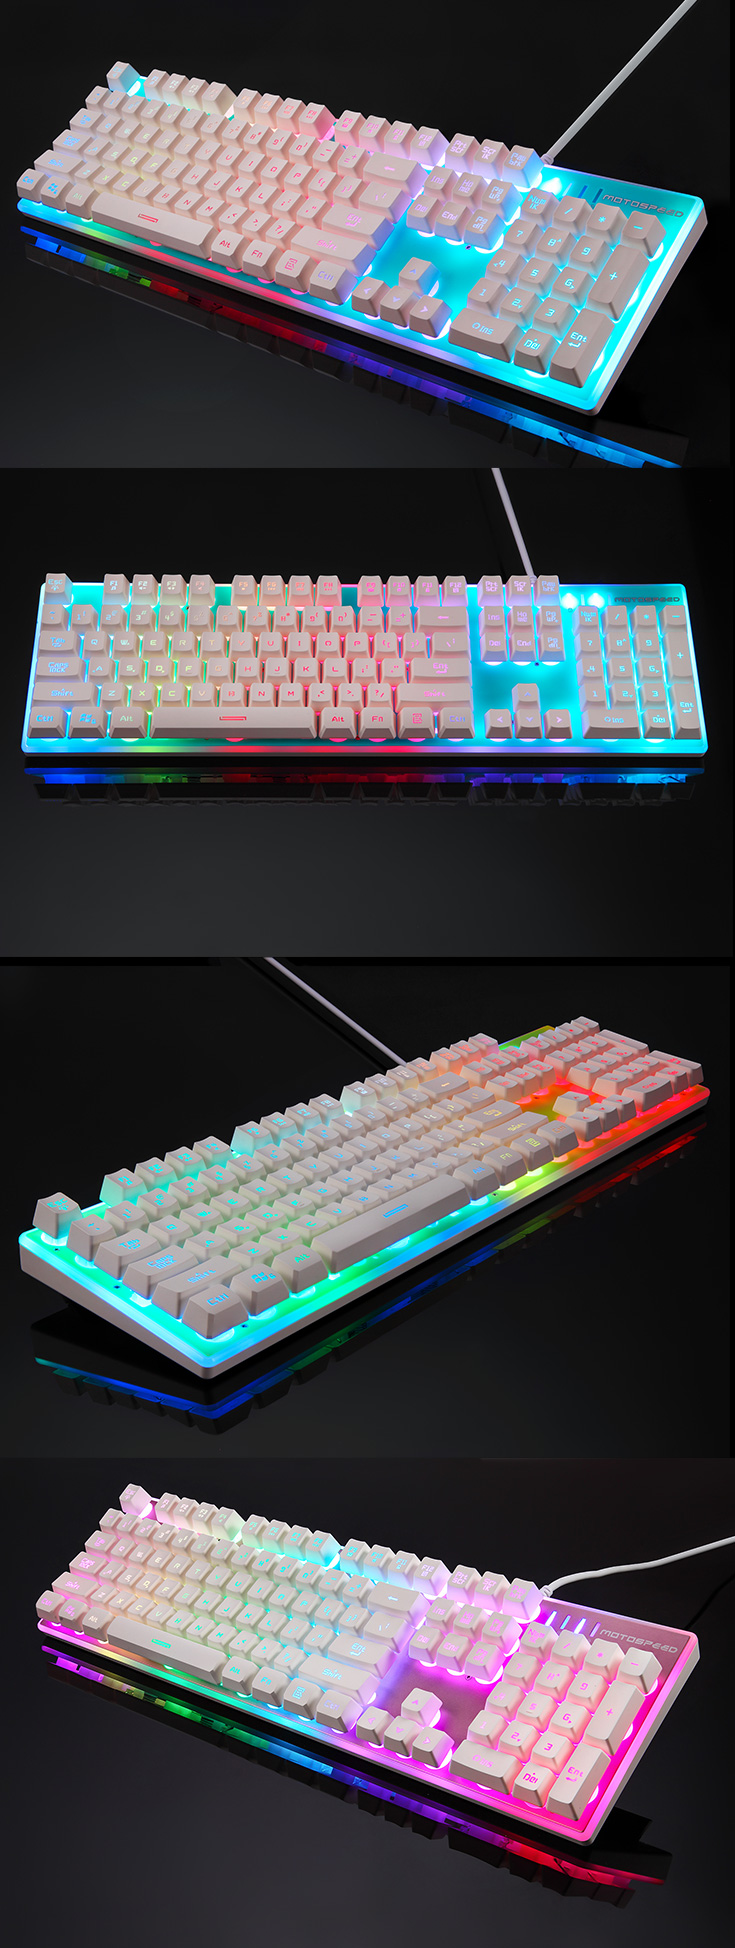 Bàn phím giả cơ MOTOSPEED K11 LED RGB - Đỏ - Hàng chính hãng